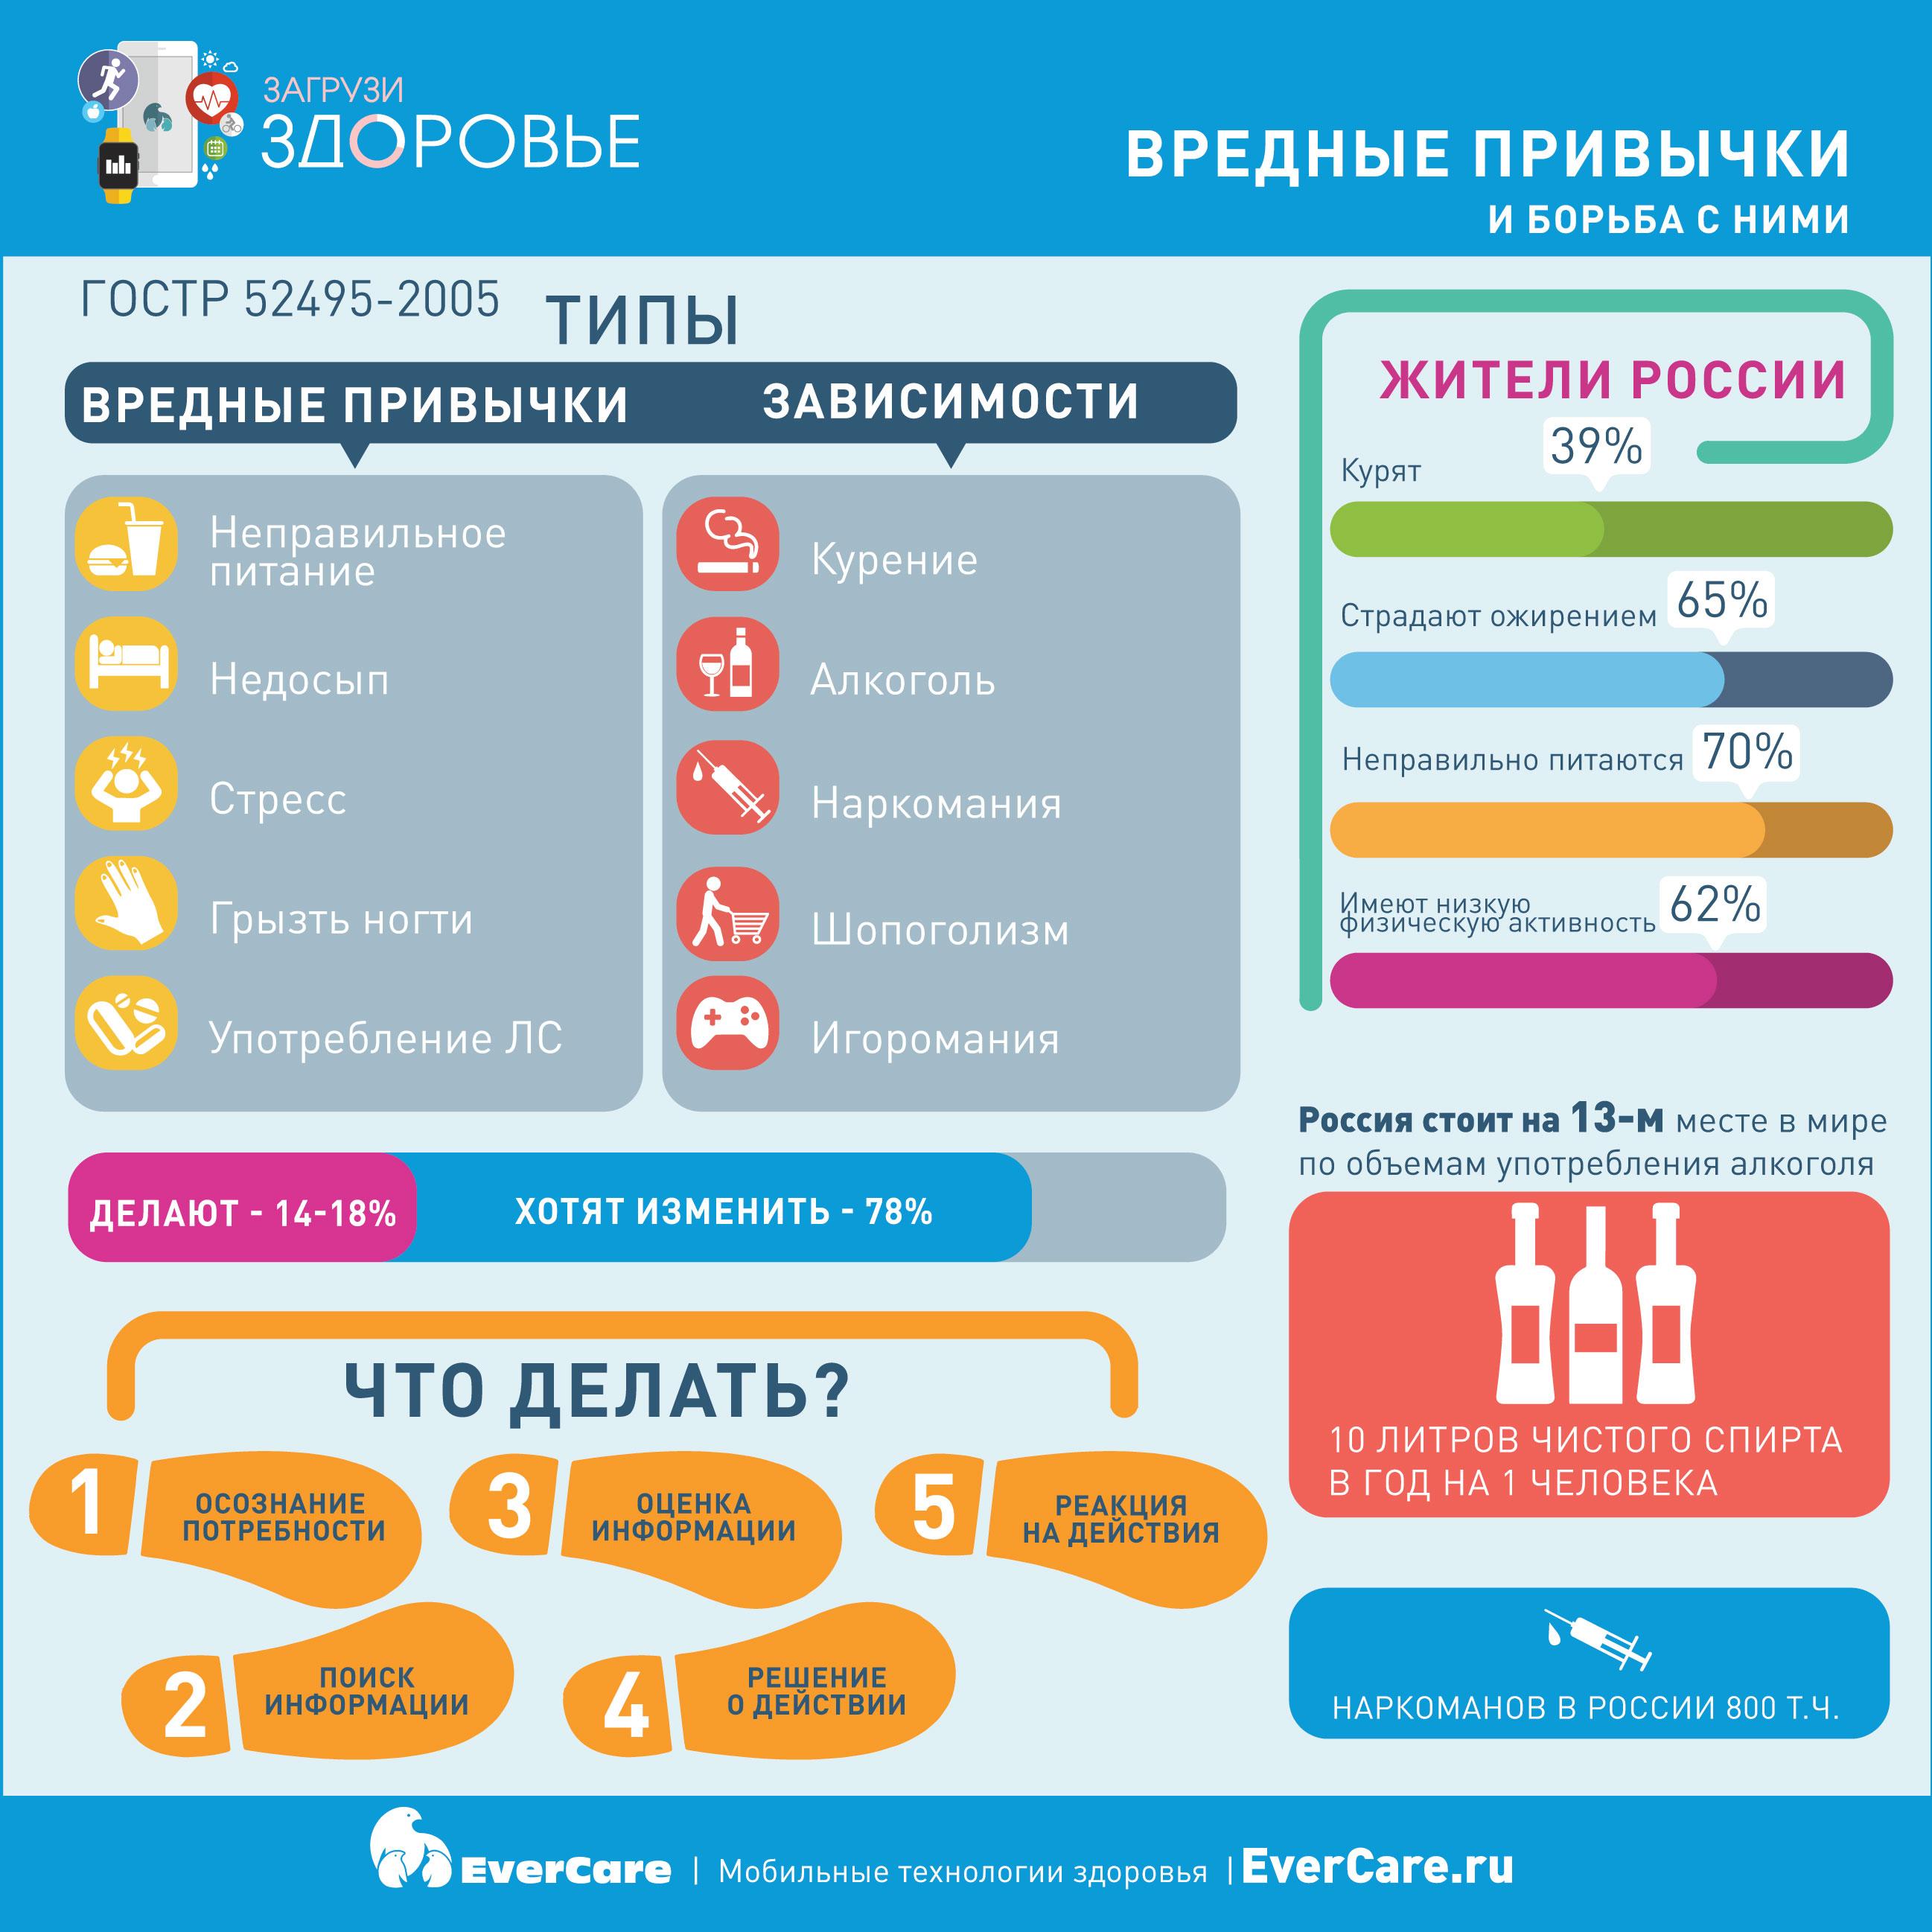 Вредные привычки и борьба с ними, Инфографика